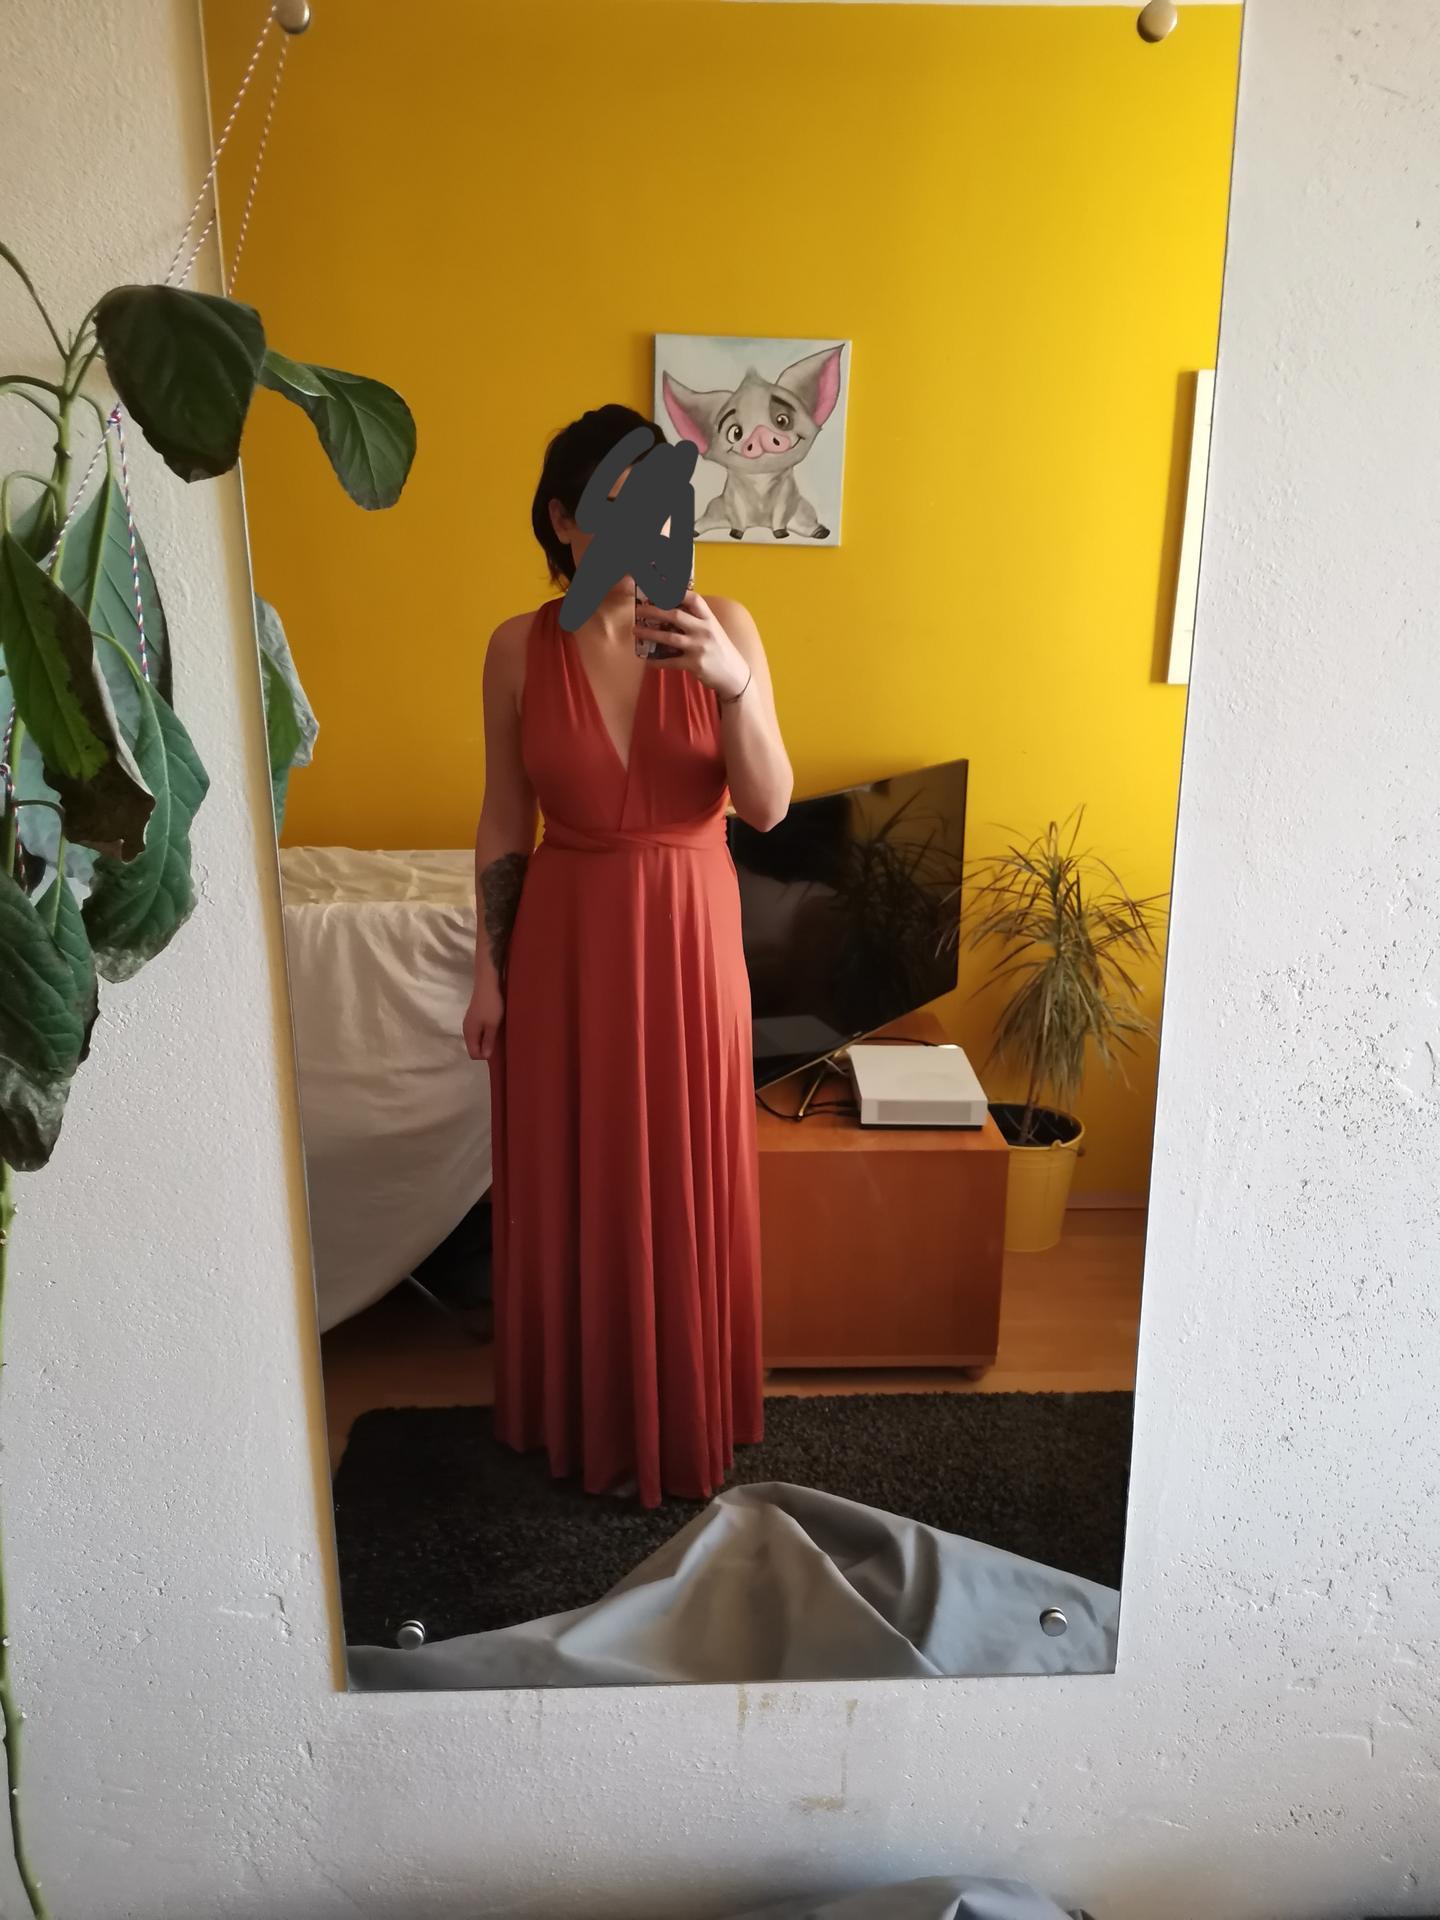 Vrabcovi 10.9.2022 - Dneska dorazila první várka ali 😍 mám šaty pro družičky